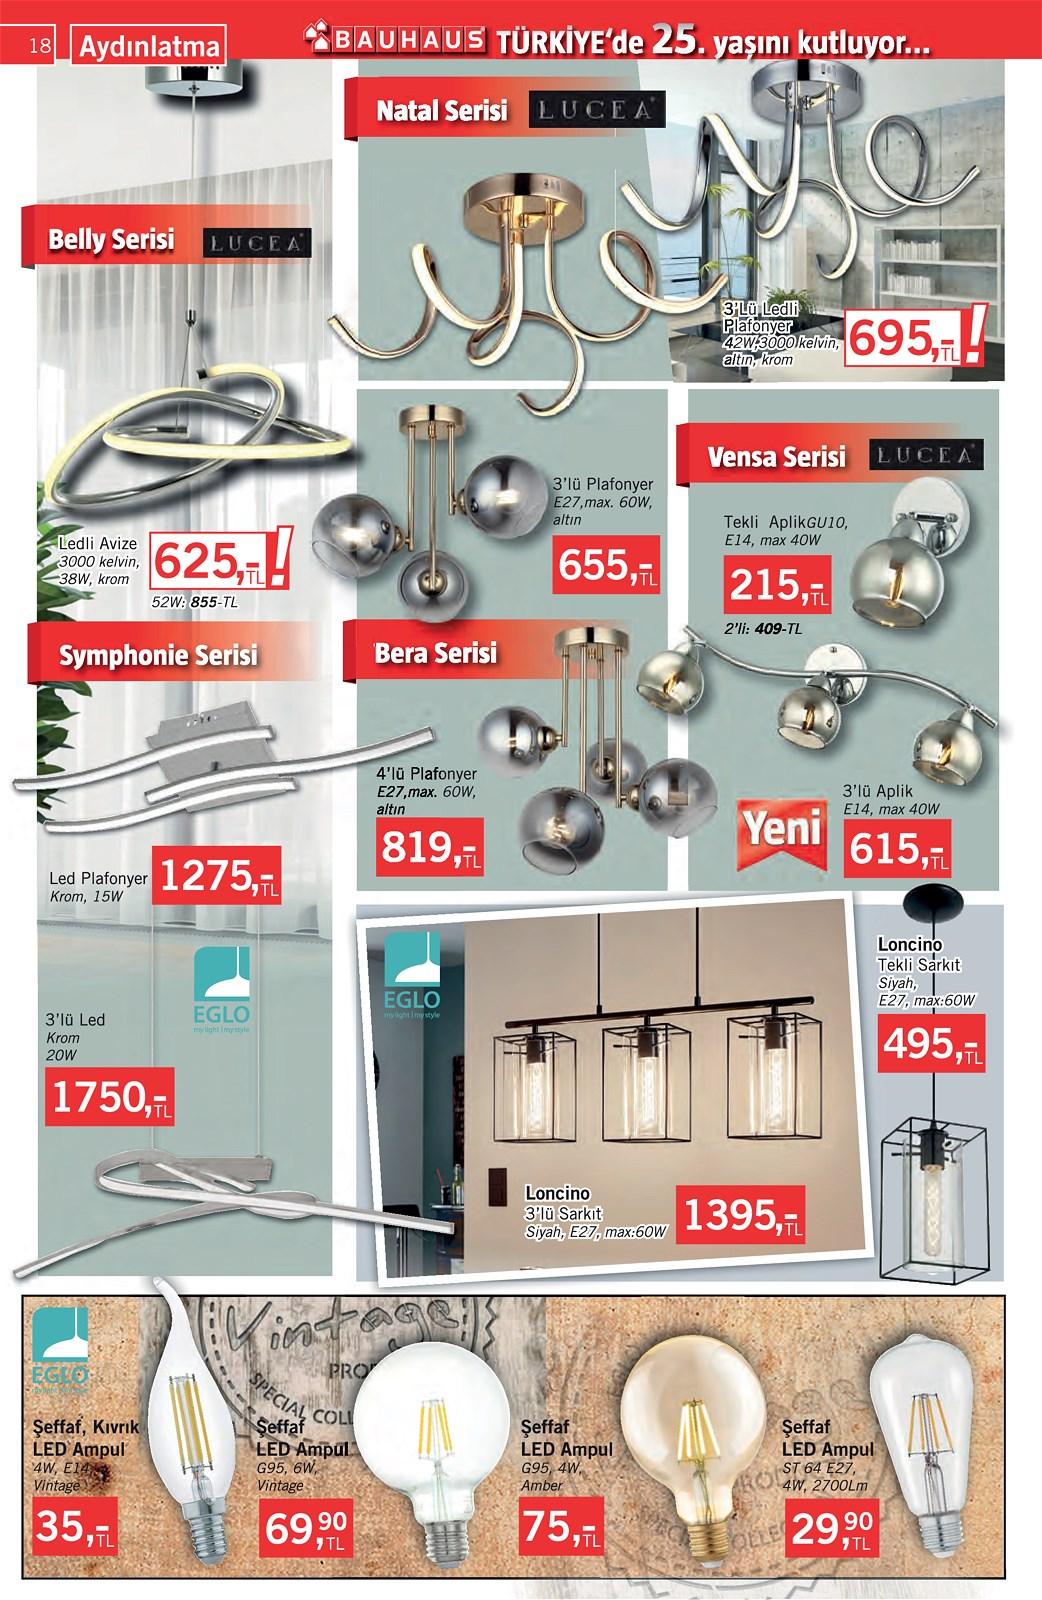 25.09.2021 Bauhaus broşürü 18. sayfa